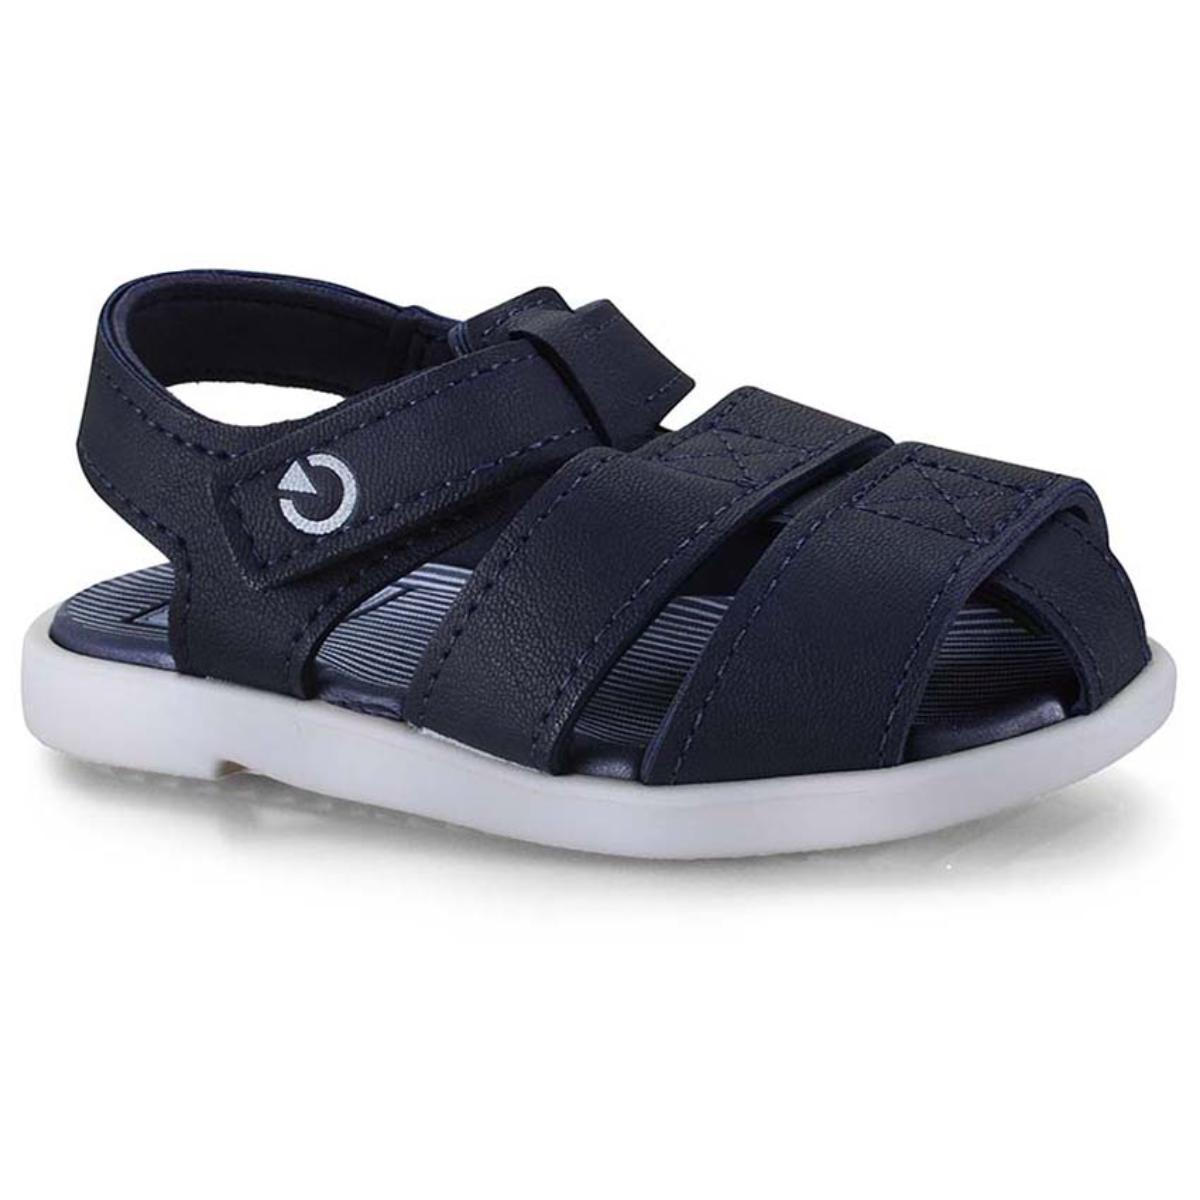 Sandália Masc Infantil Grendene 11561 20032 Cartago Mini Branco/azul